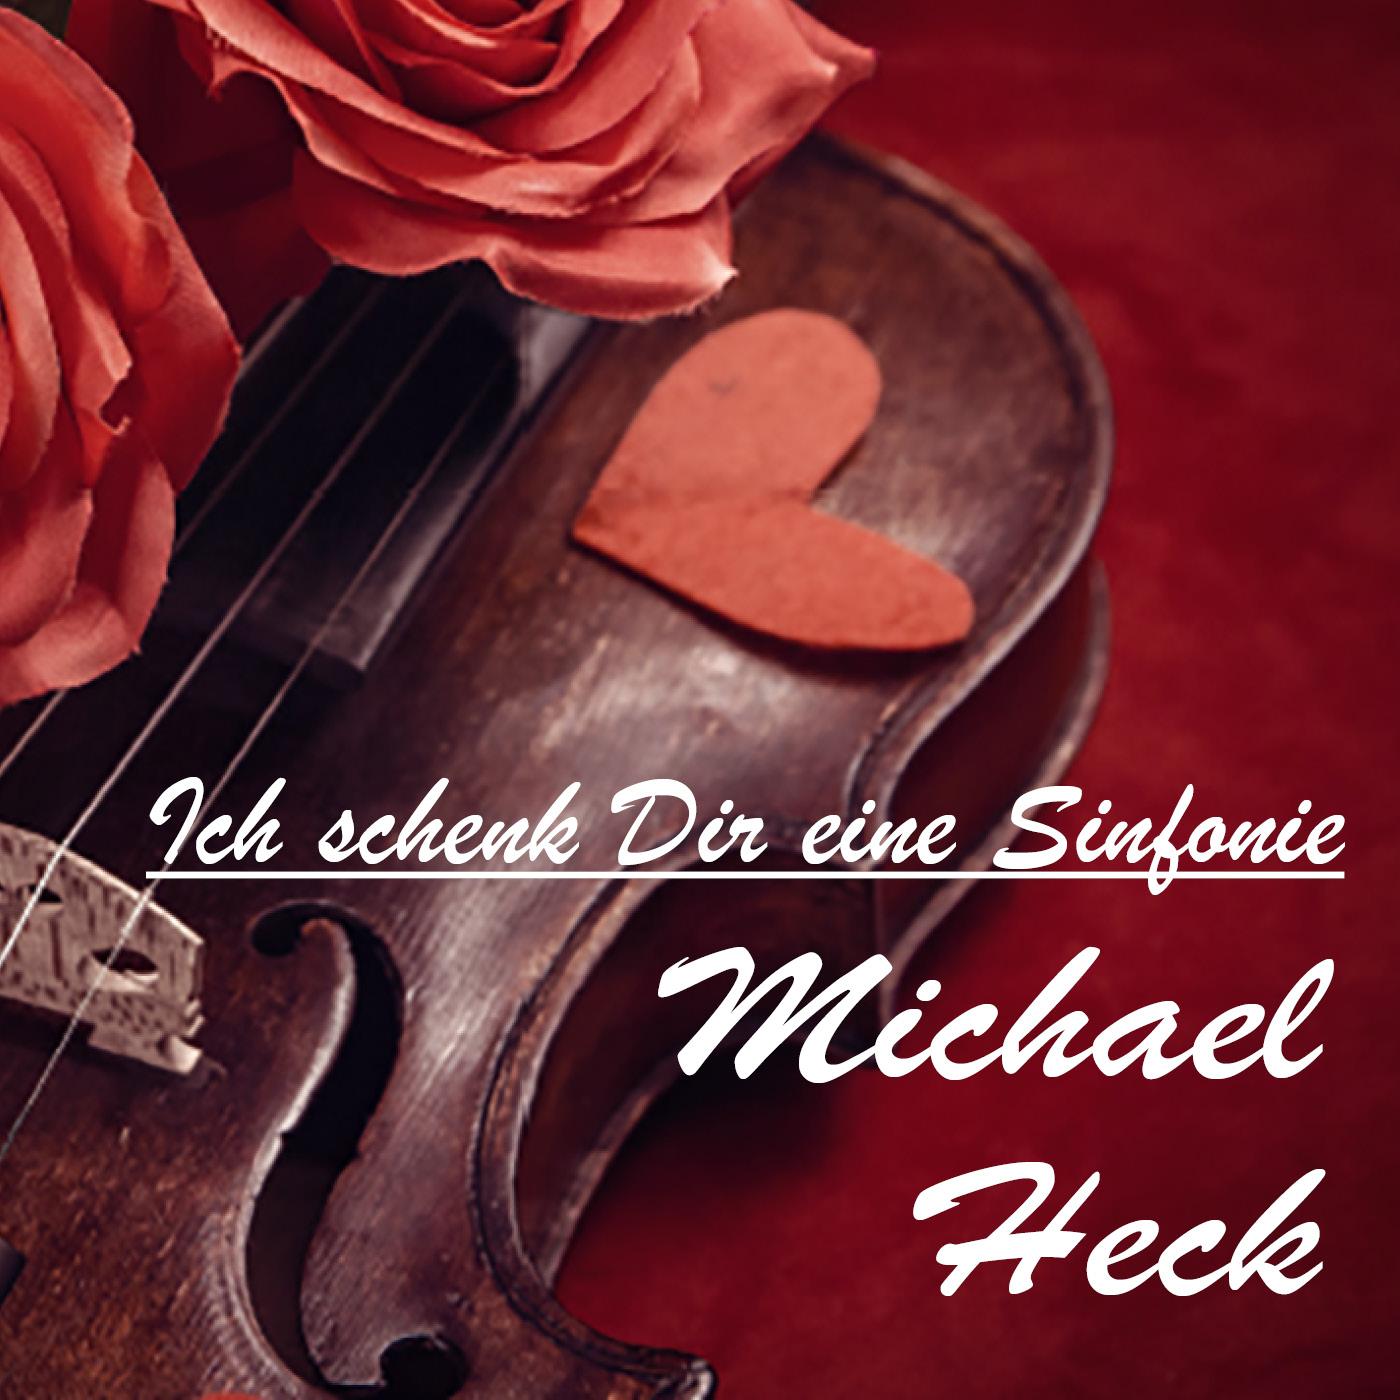 Michael Heck – Ich schenk Dir eine Sinfonie